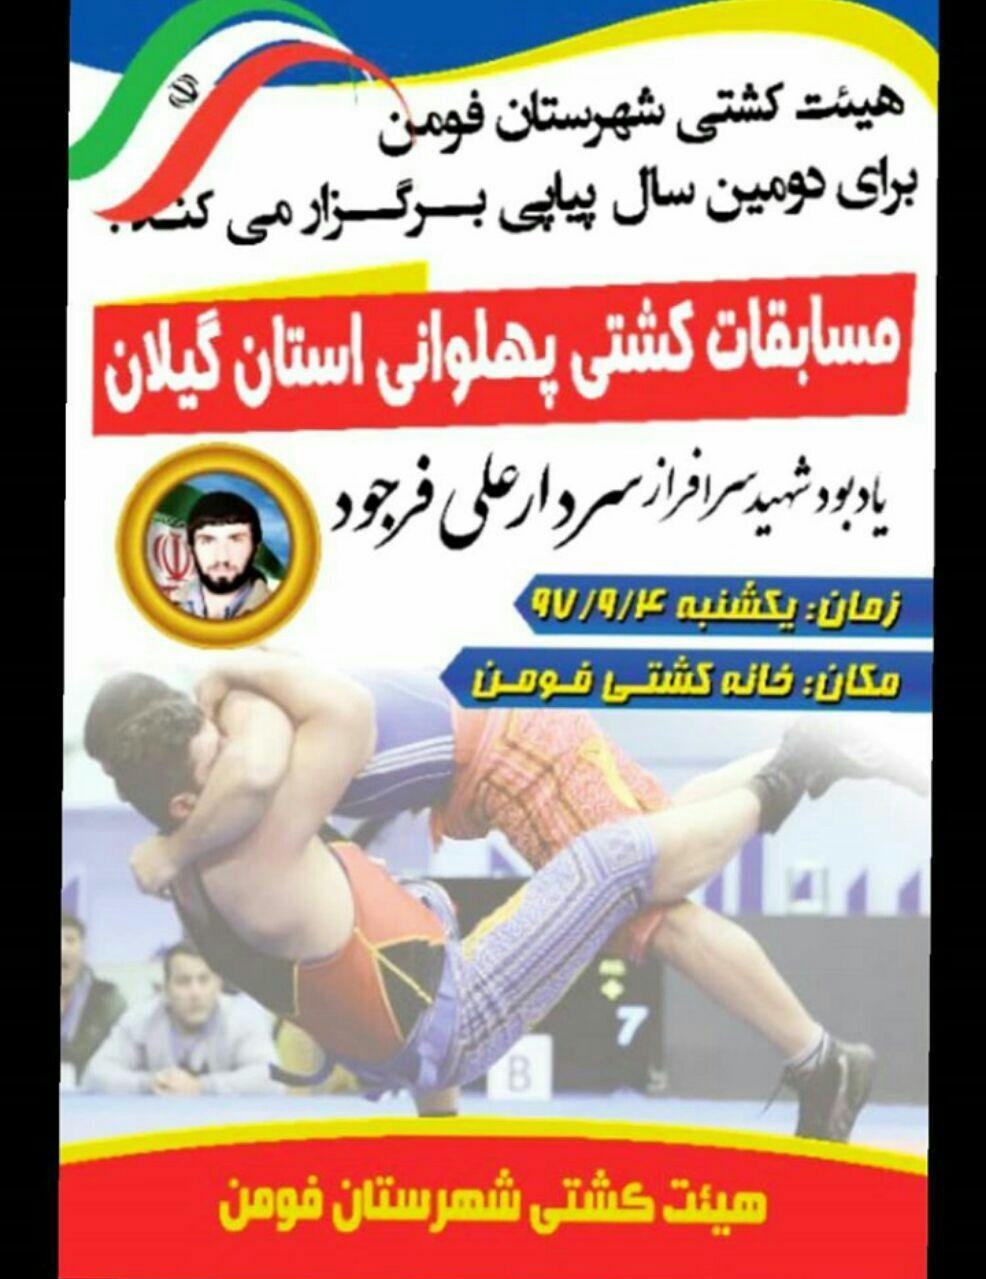 مسابقات کشتی پهلوانی استان گیلان به میزبانی فومن